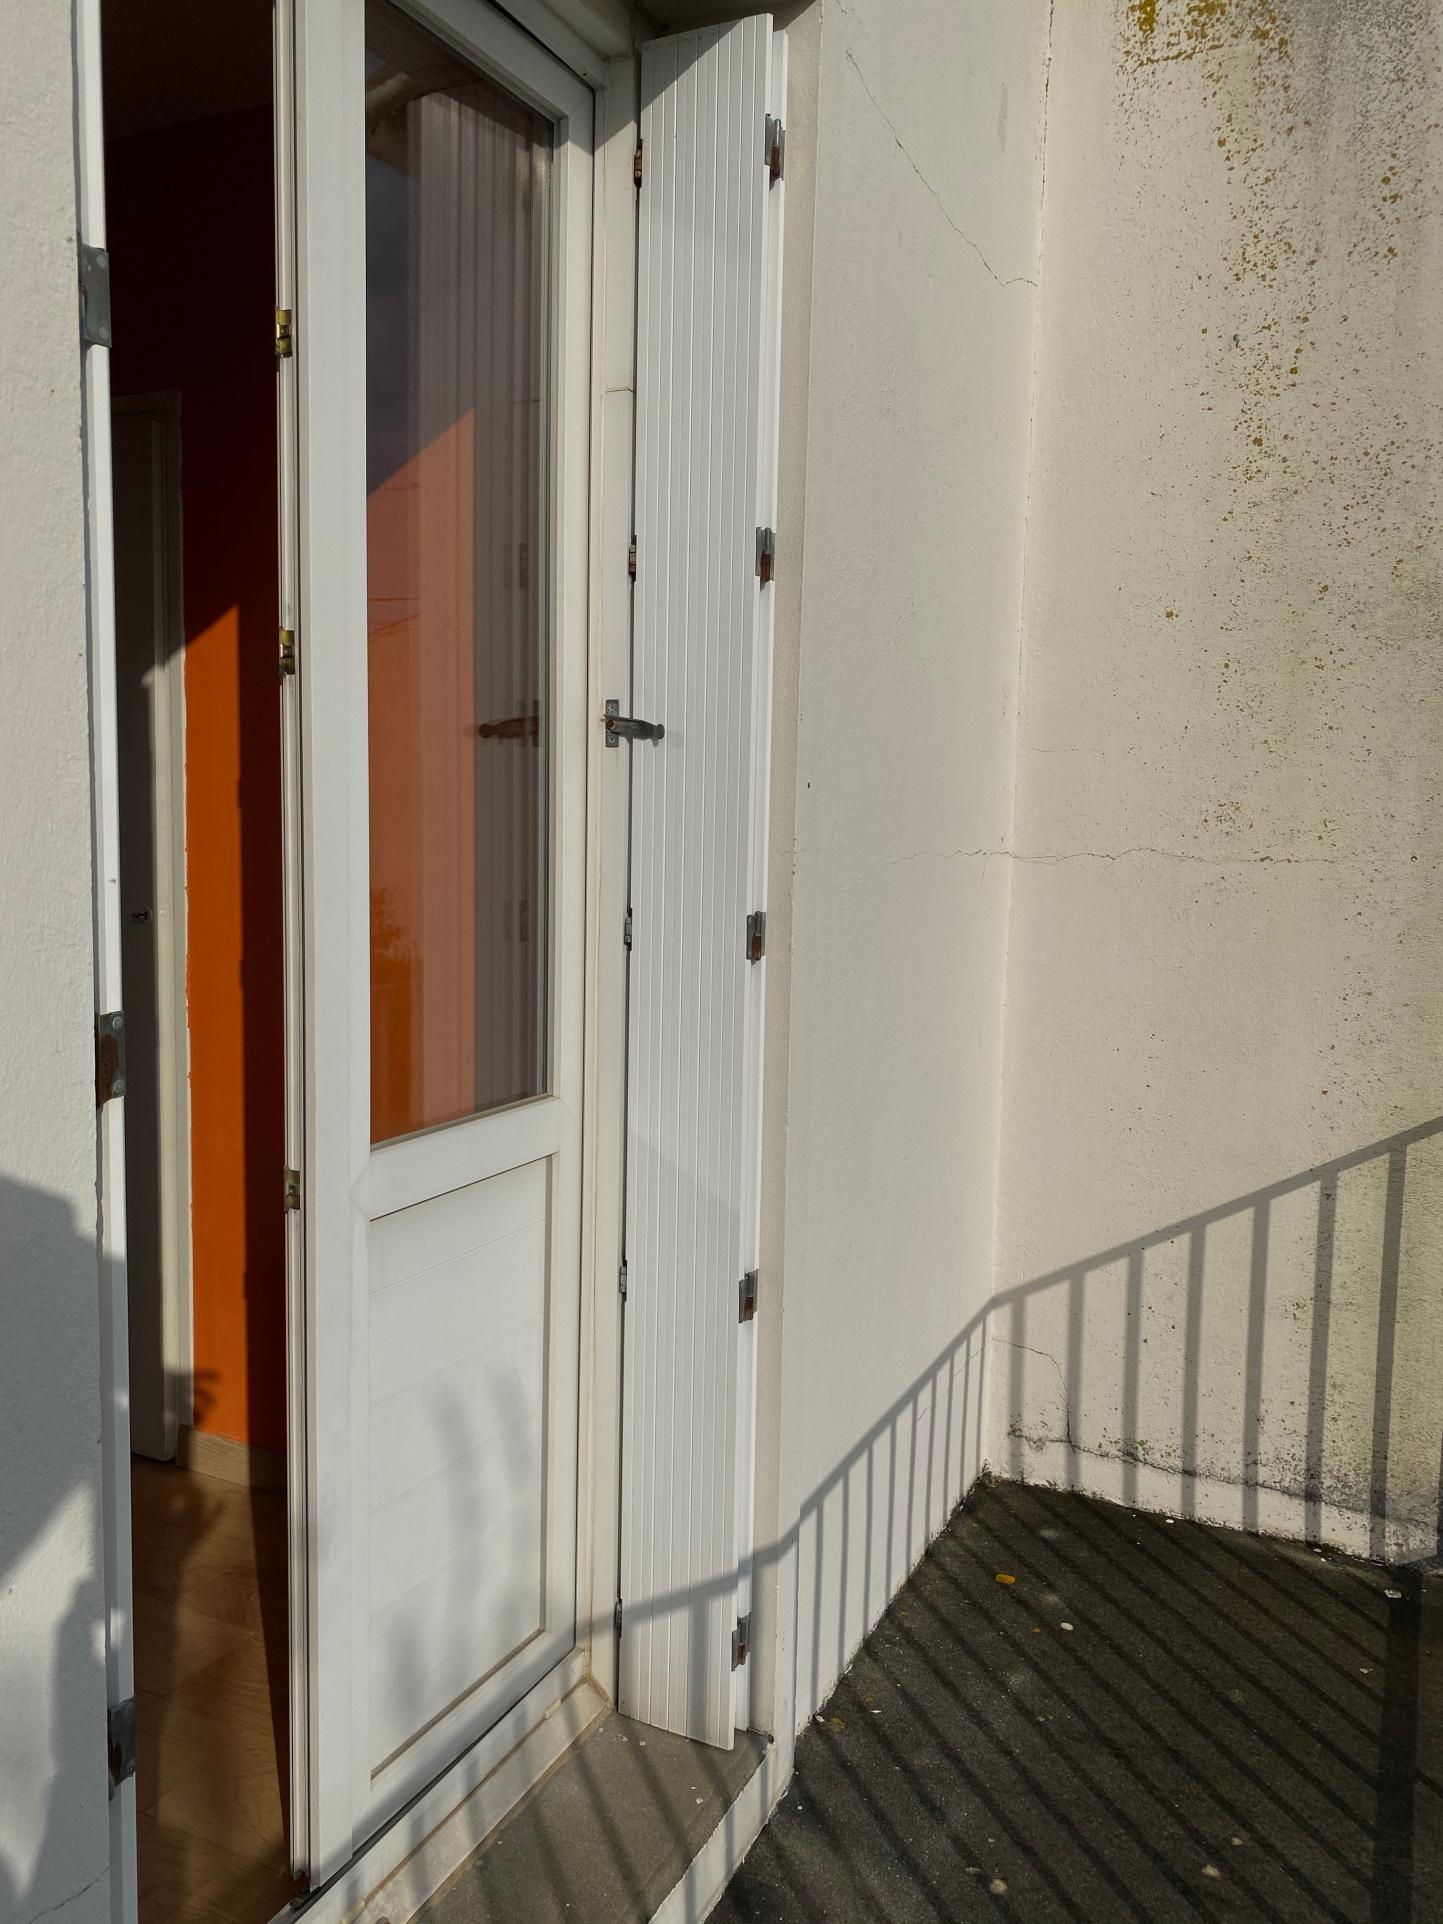 maison/villa nieul sur mer MAISON TYPE 5 - NIEUL SUR MER